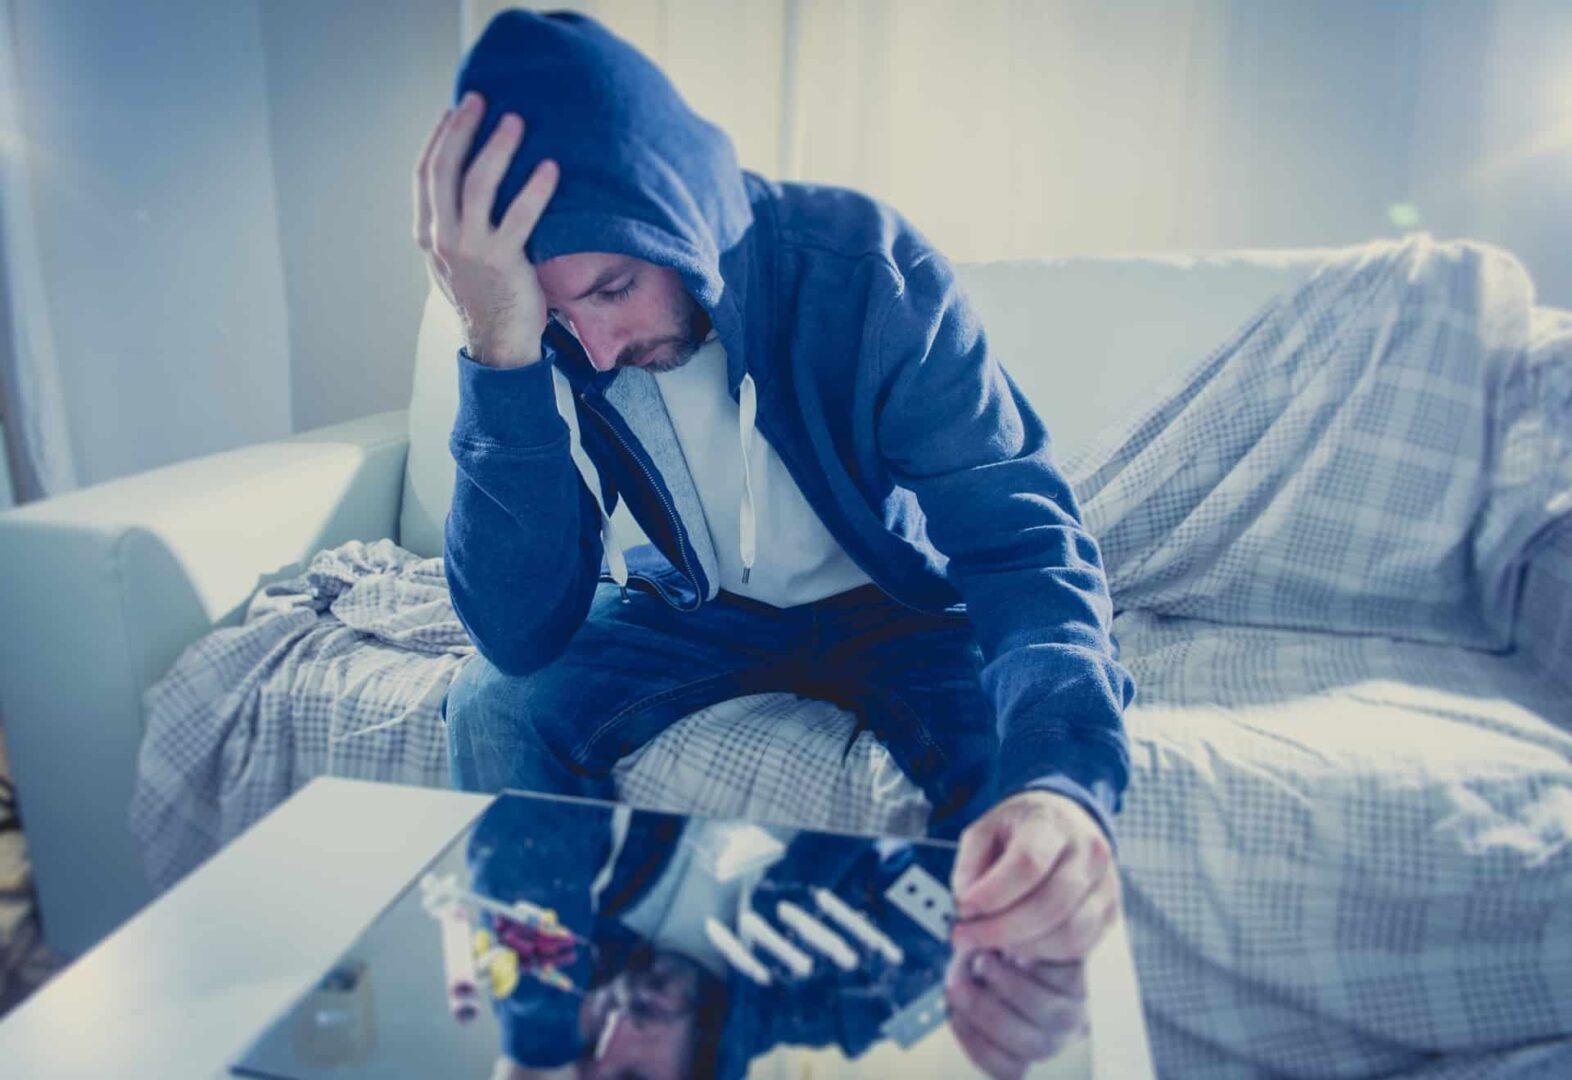 Pomanjkanje pozitivne povezanosti lahko vodi v uporabo drog.